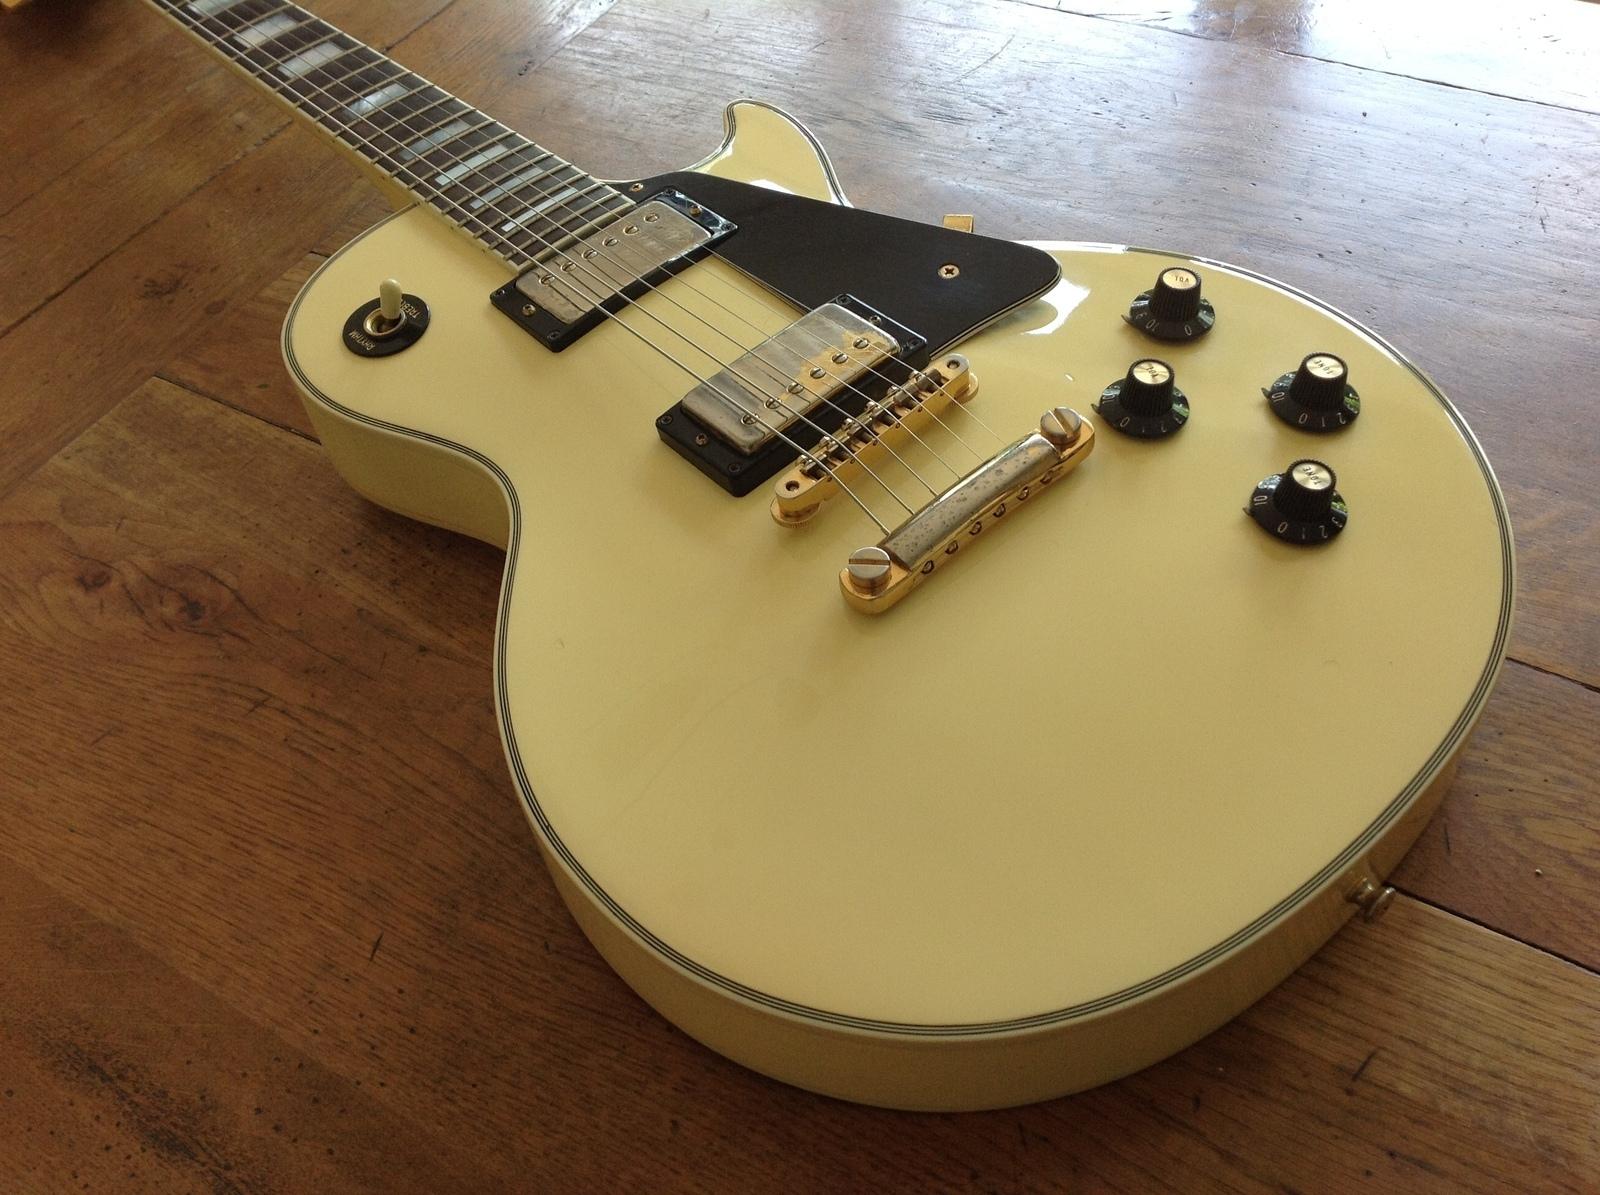 1974 Gibson Les Paul Custom White - Vintage & Modern Guitars